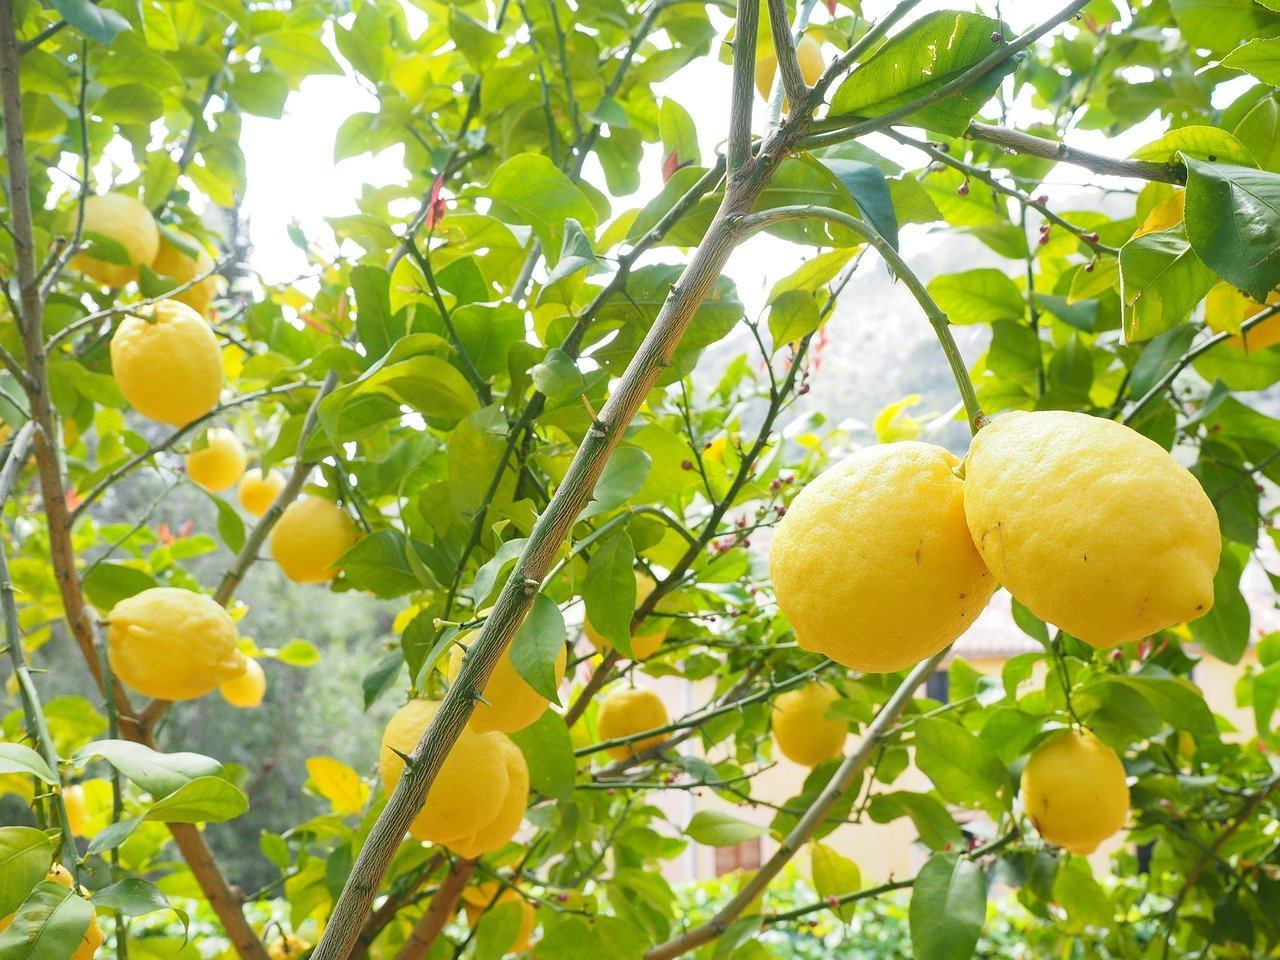 citrons jaunes et branches